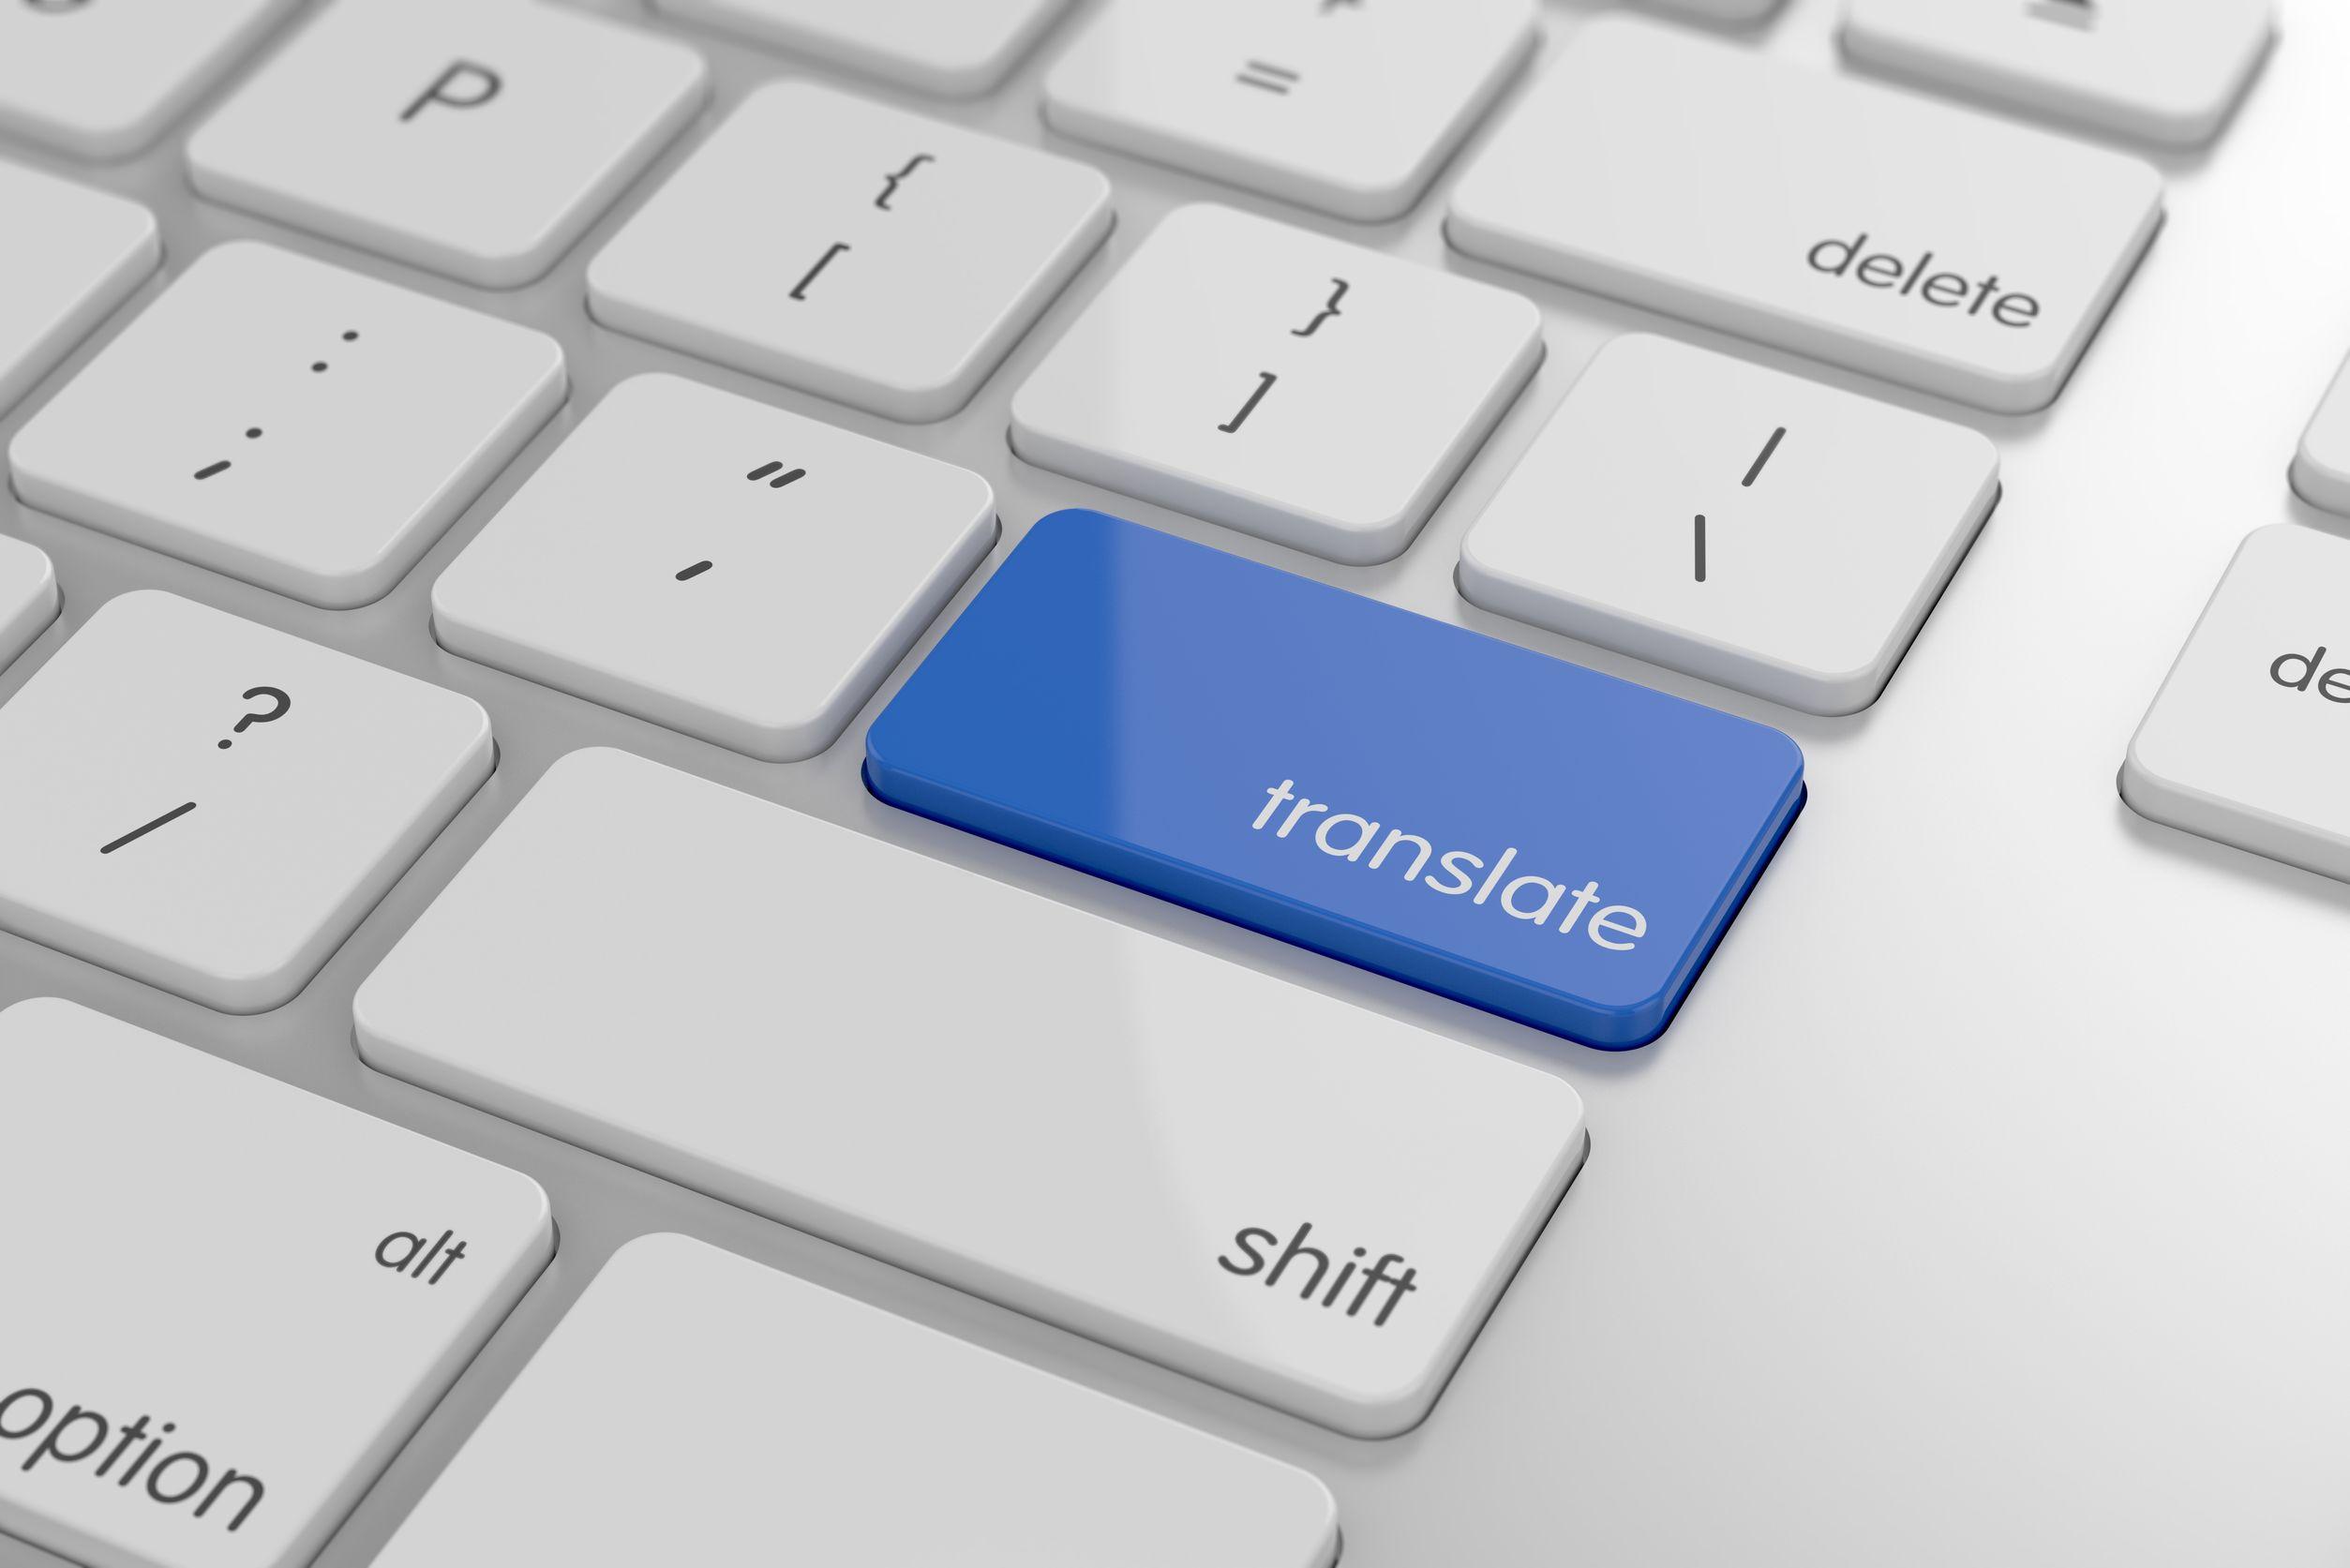 Botón de traducción en un teclado.